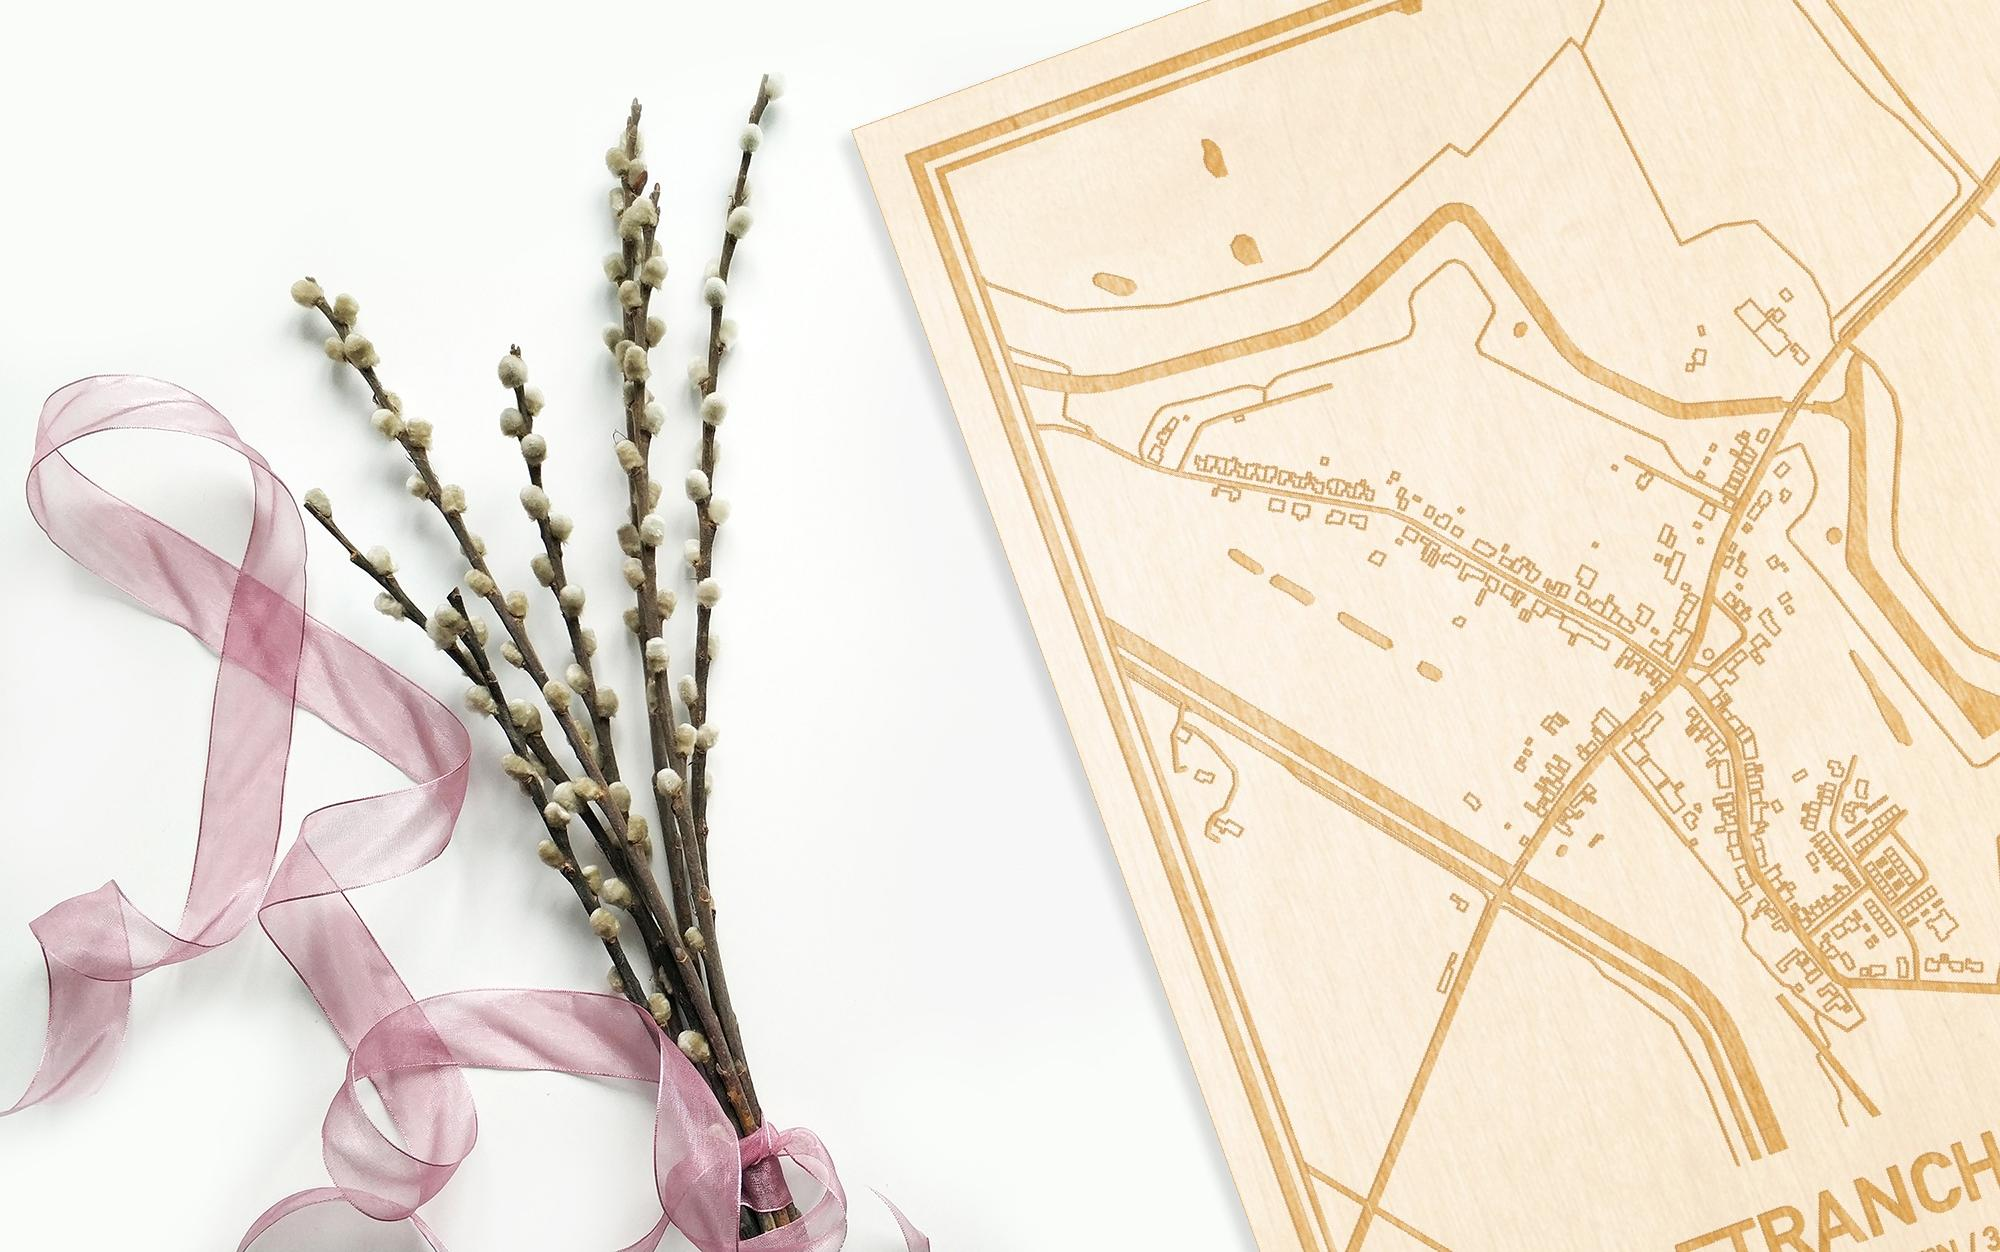 Hier ligt de houten plattegrond Retranchement naast een bloemetje als gepersonaliseerd cadeau voor haar.